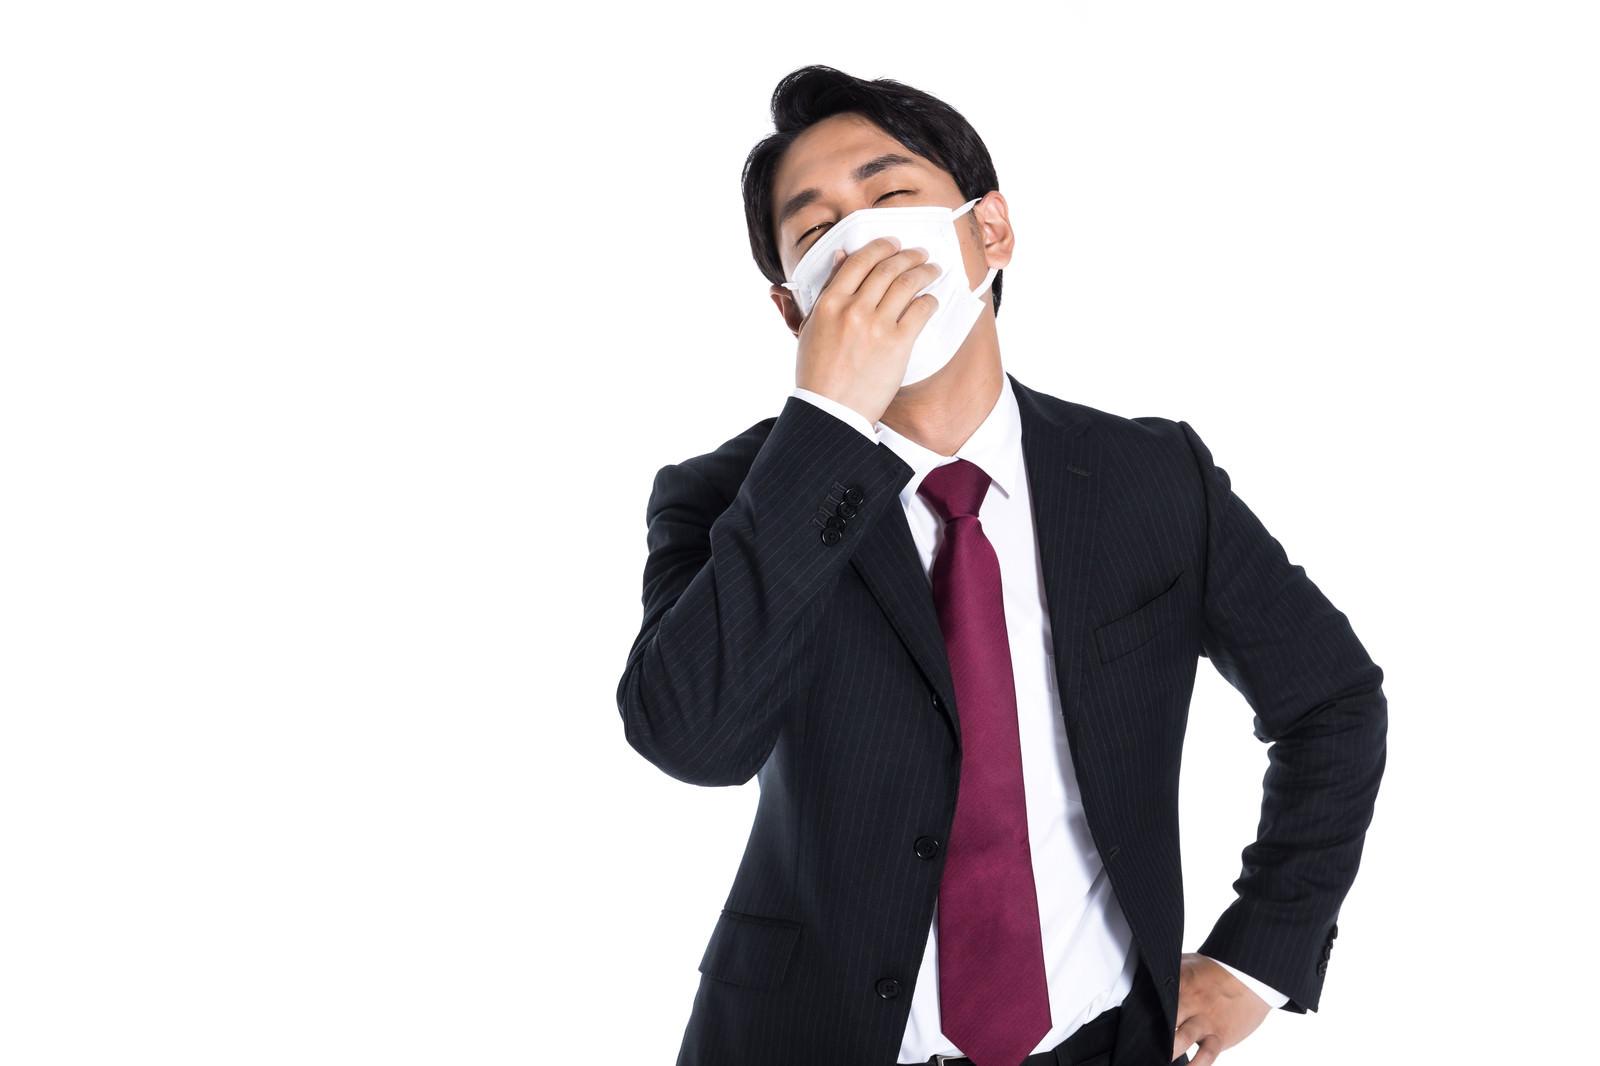 「インフルエンザでふらふらの会社員」の写真[モデル:大川竜弥]